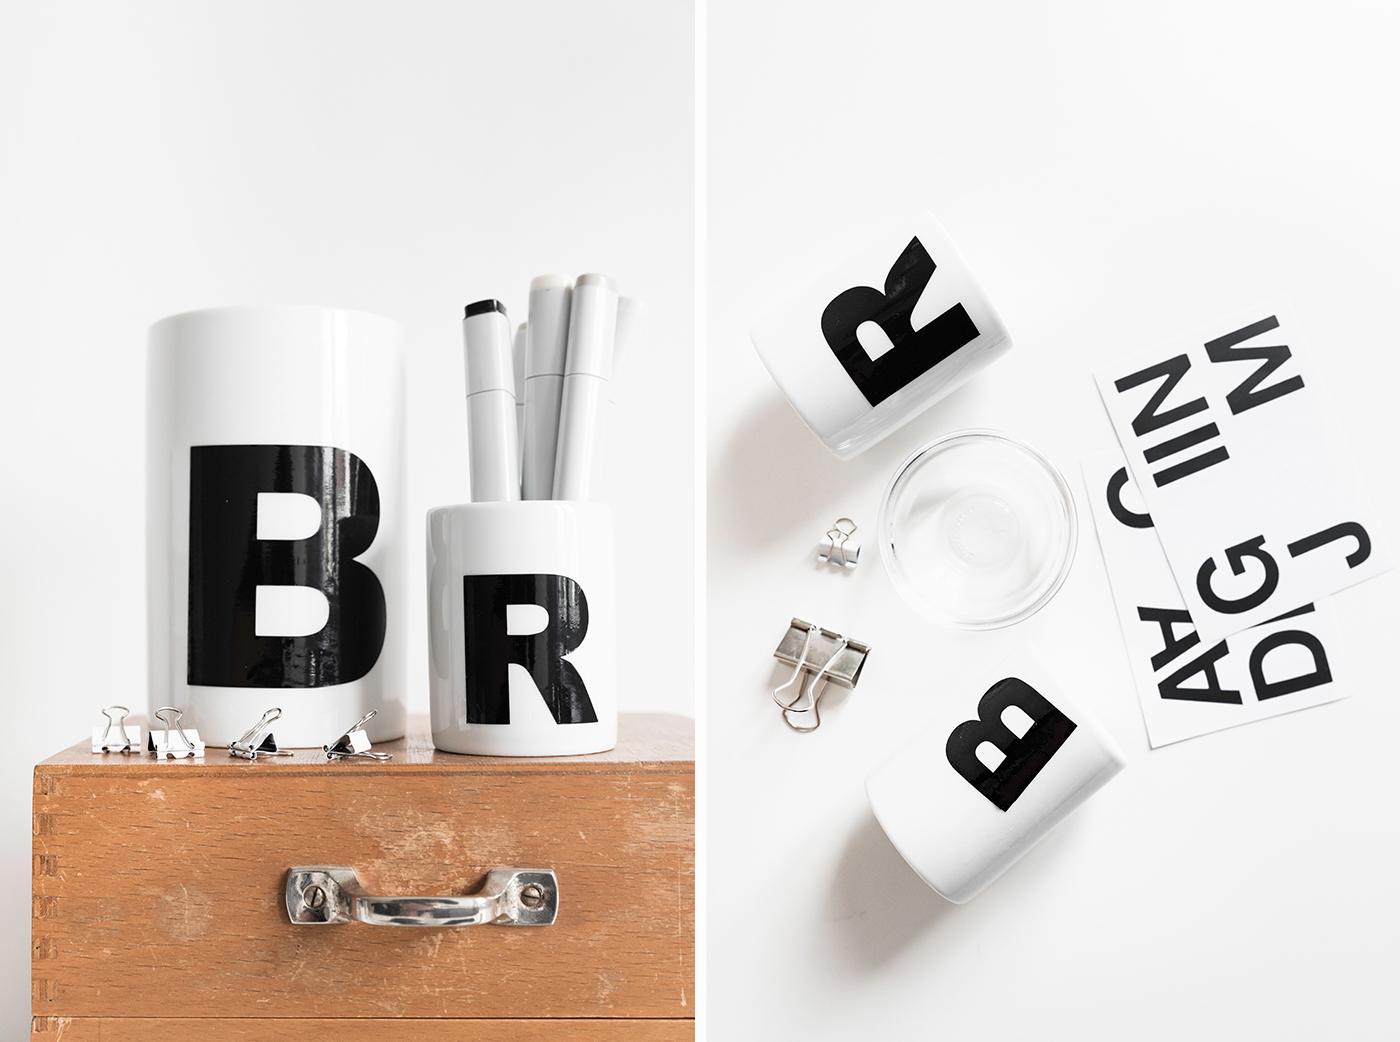 Porzellan mit Buchstaben bekleben.